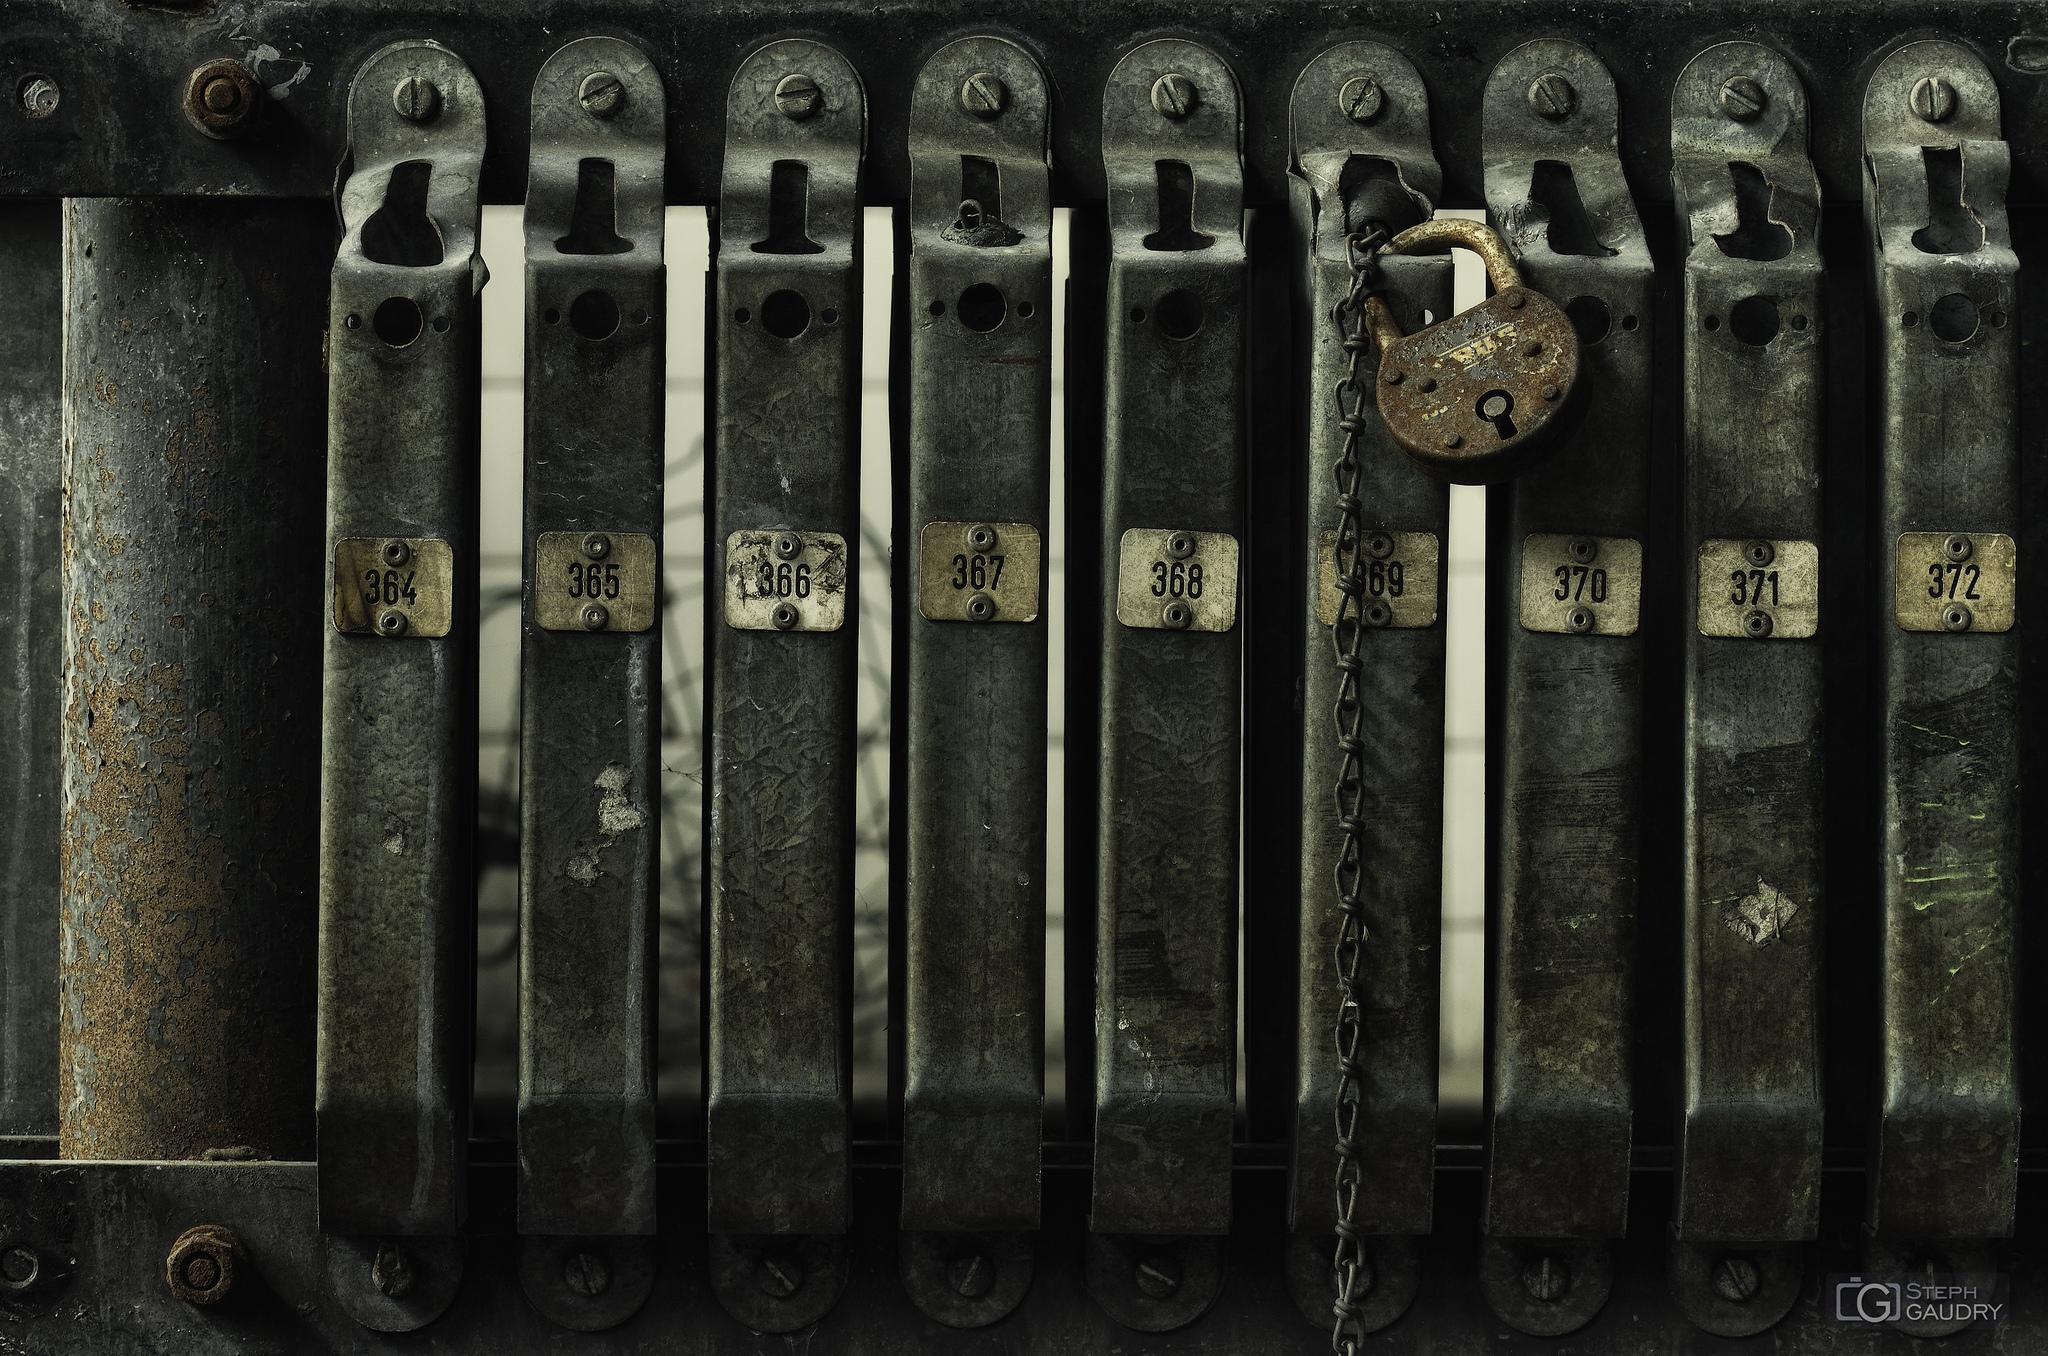 Lock the cage 369 [Cliquez pour lancer le diaporama]